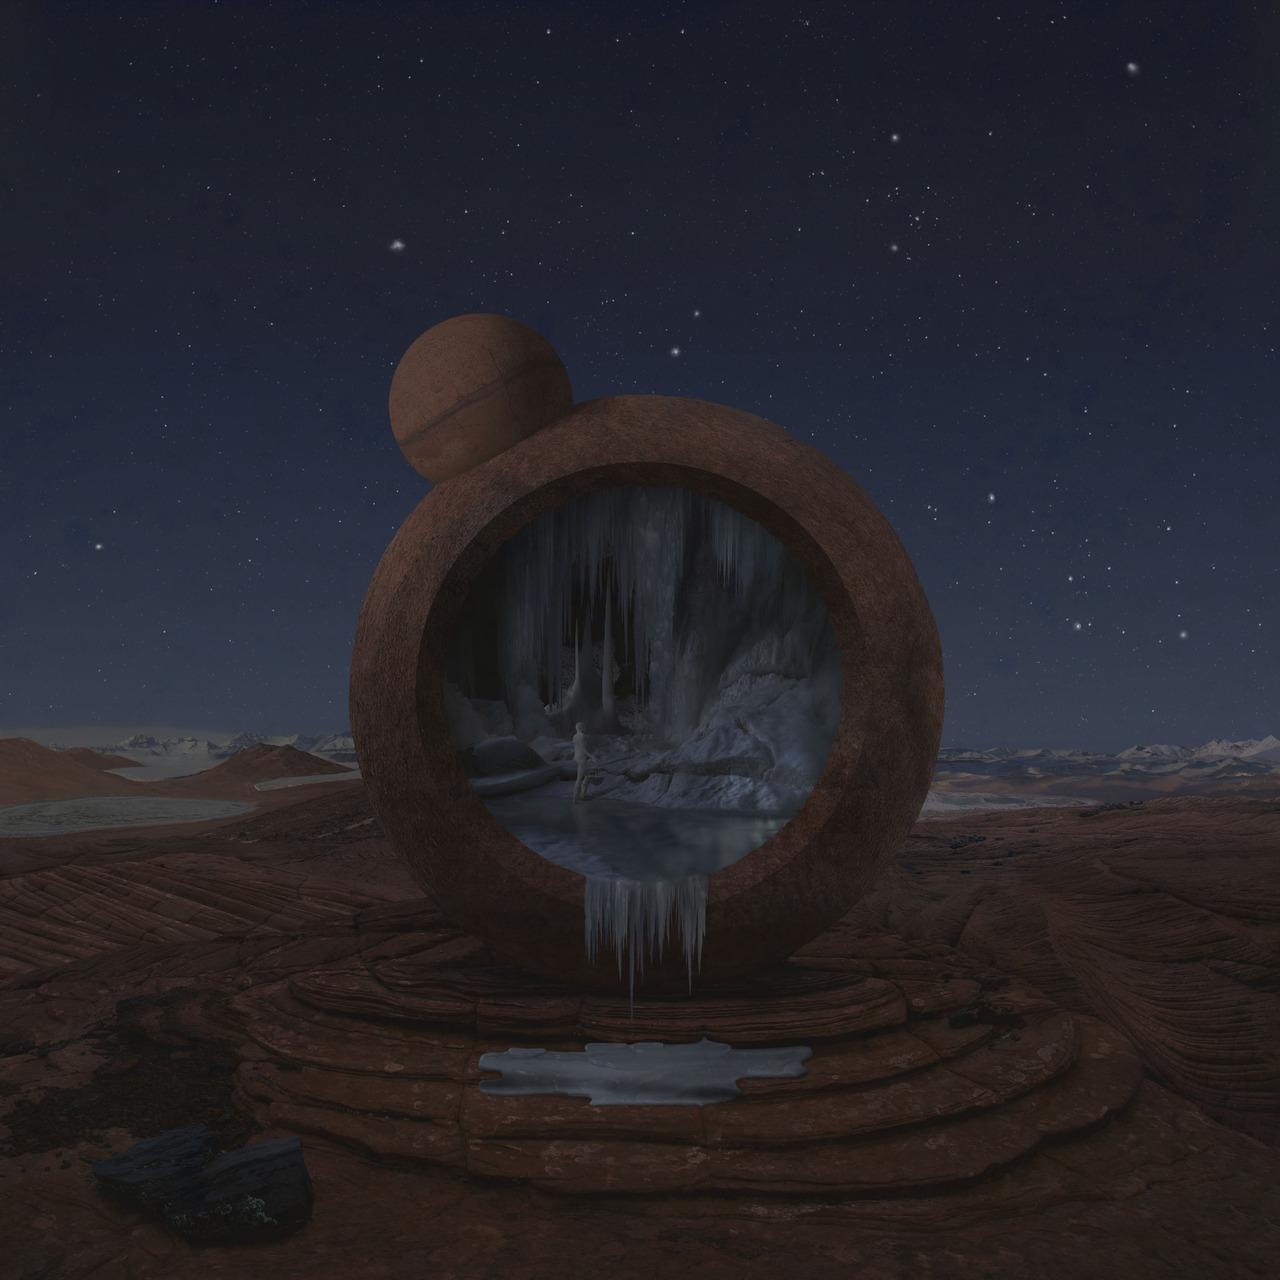 Жизнь на Марсе. Инопланетные фотохроники